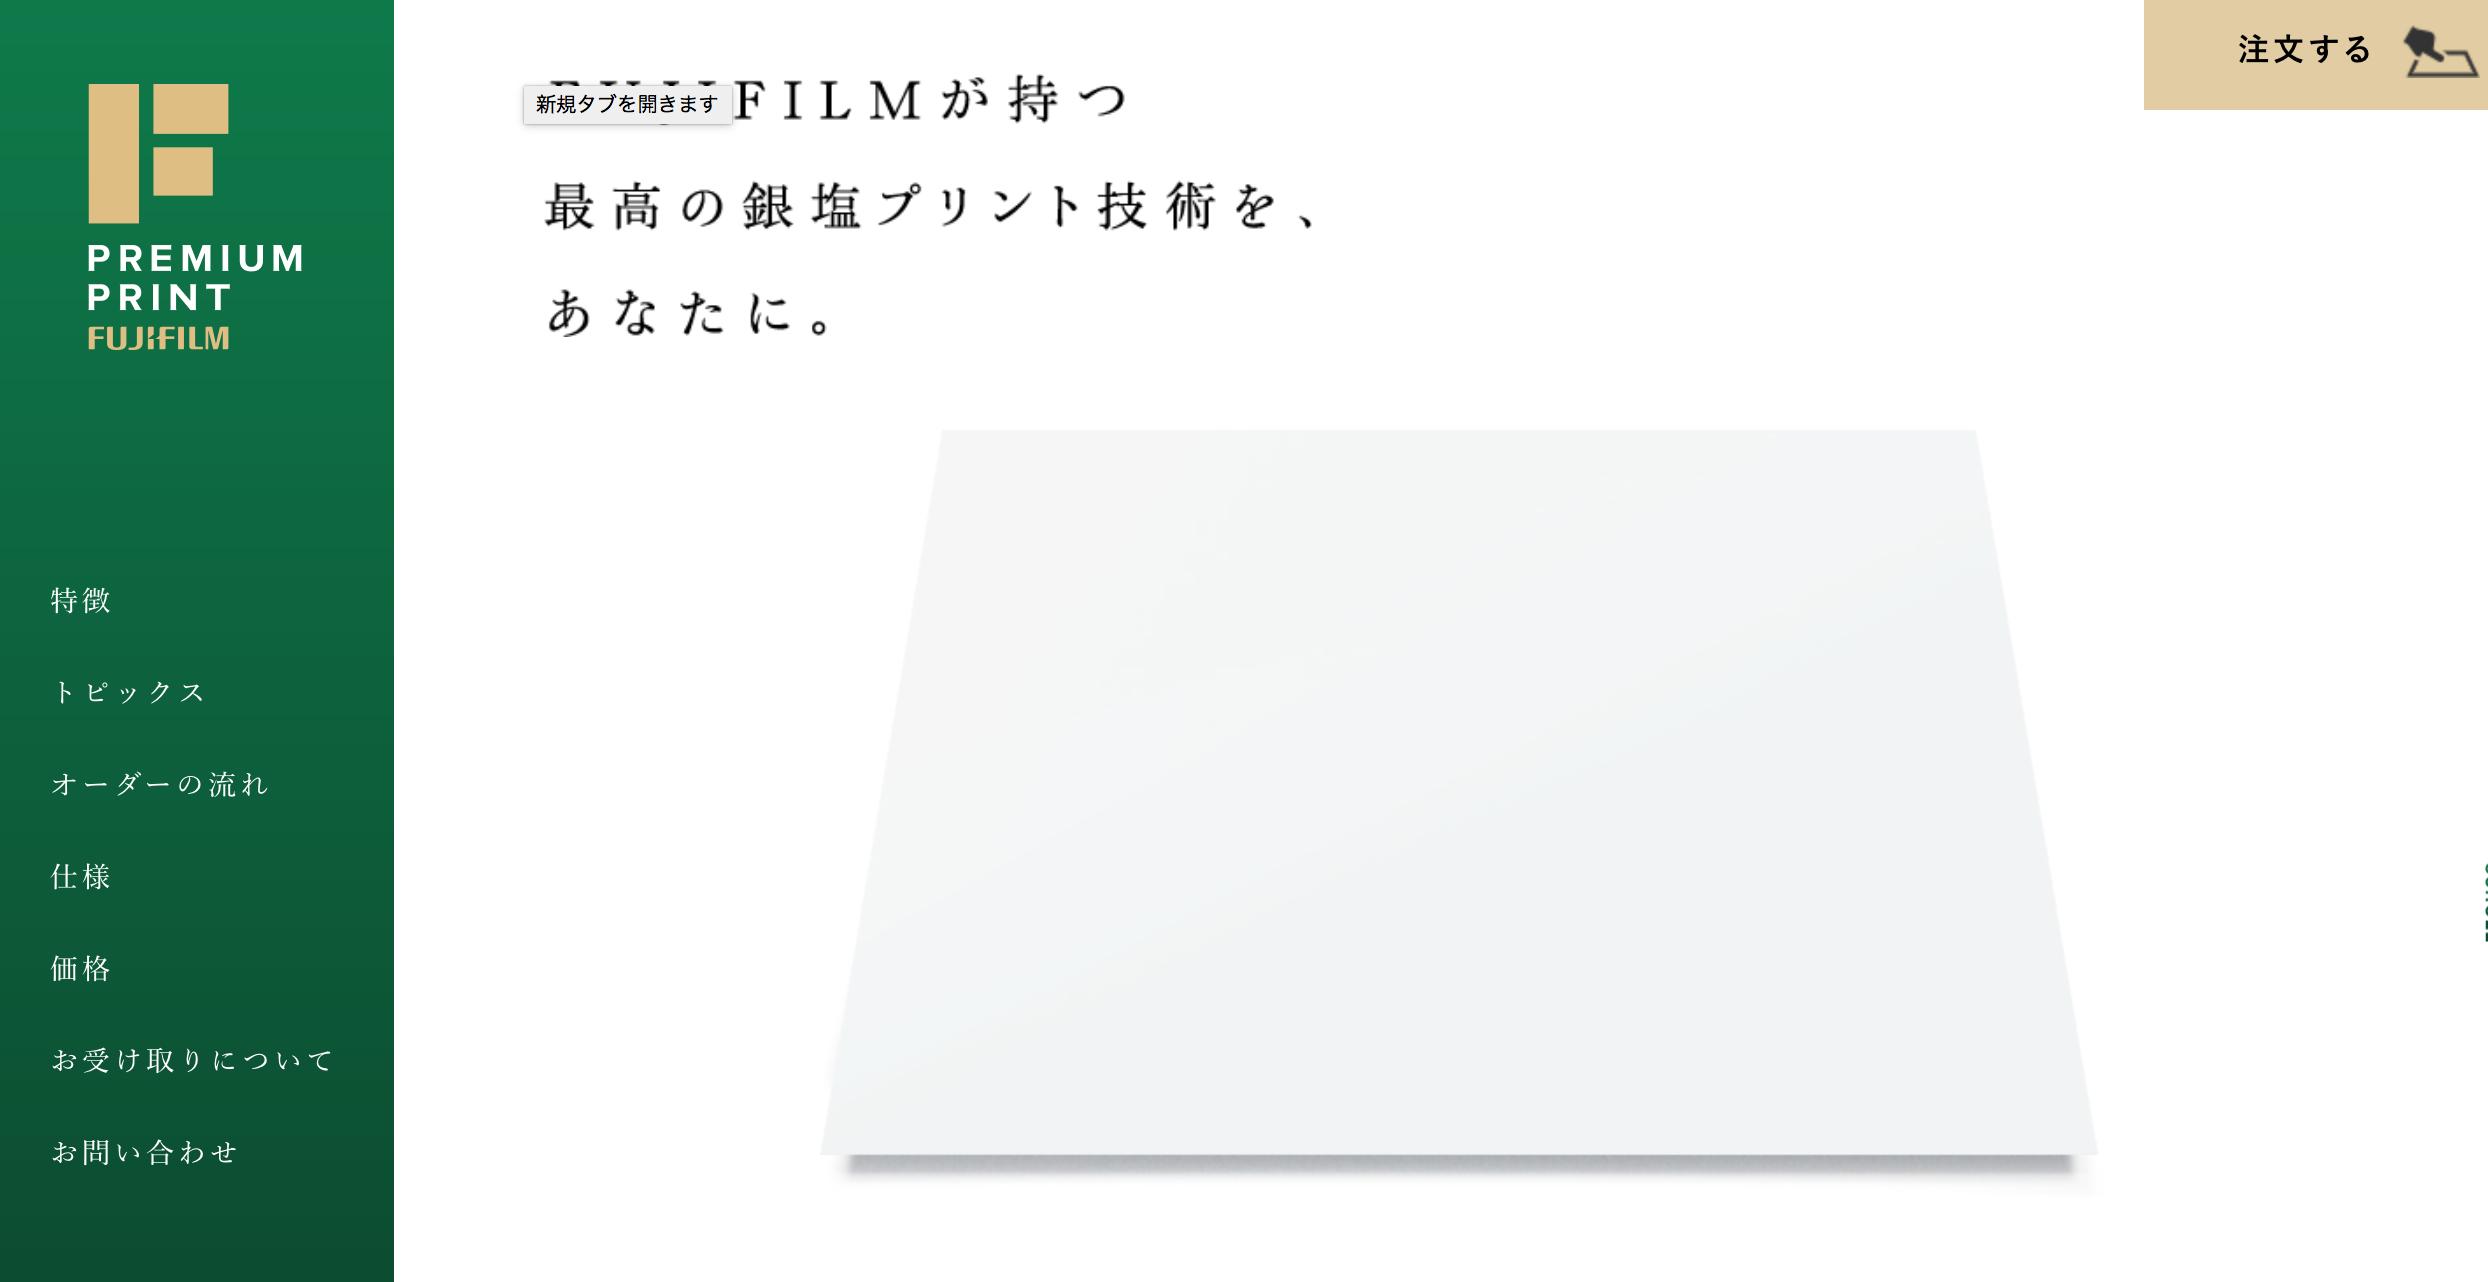 スクリーンショット 0031-05-22 10.24.37